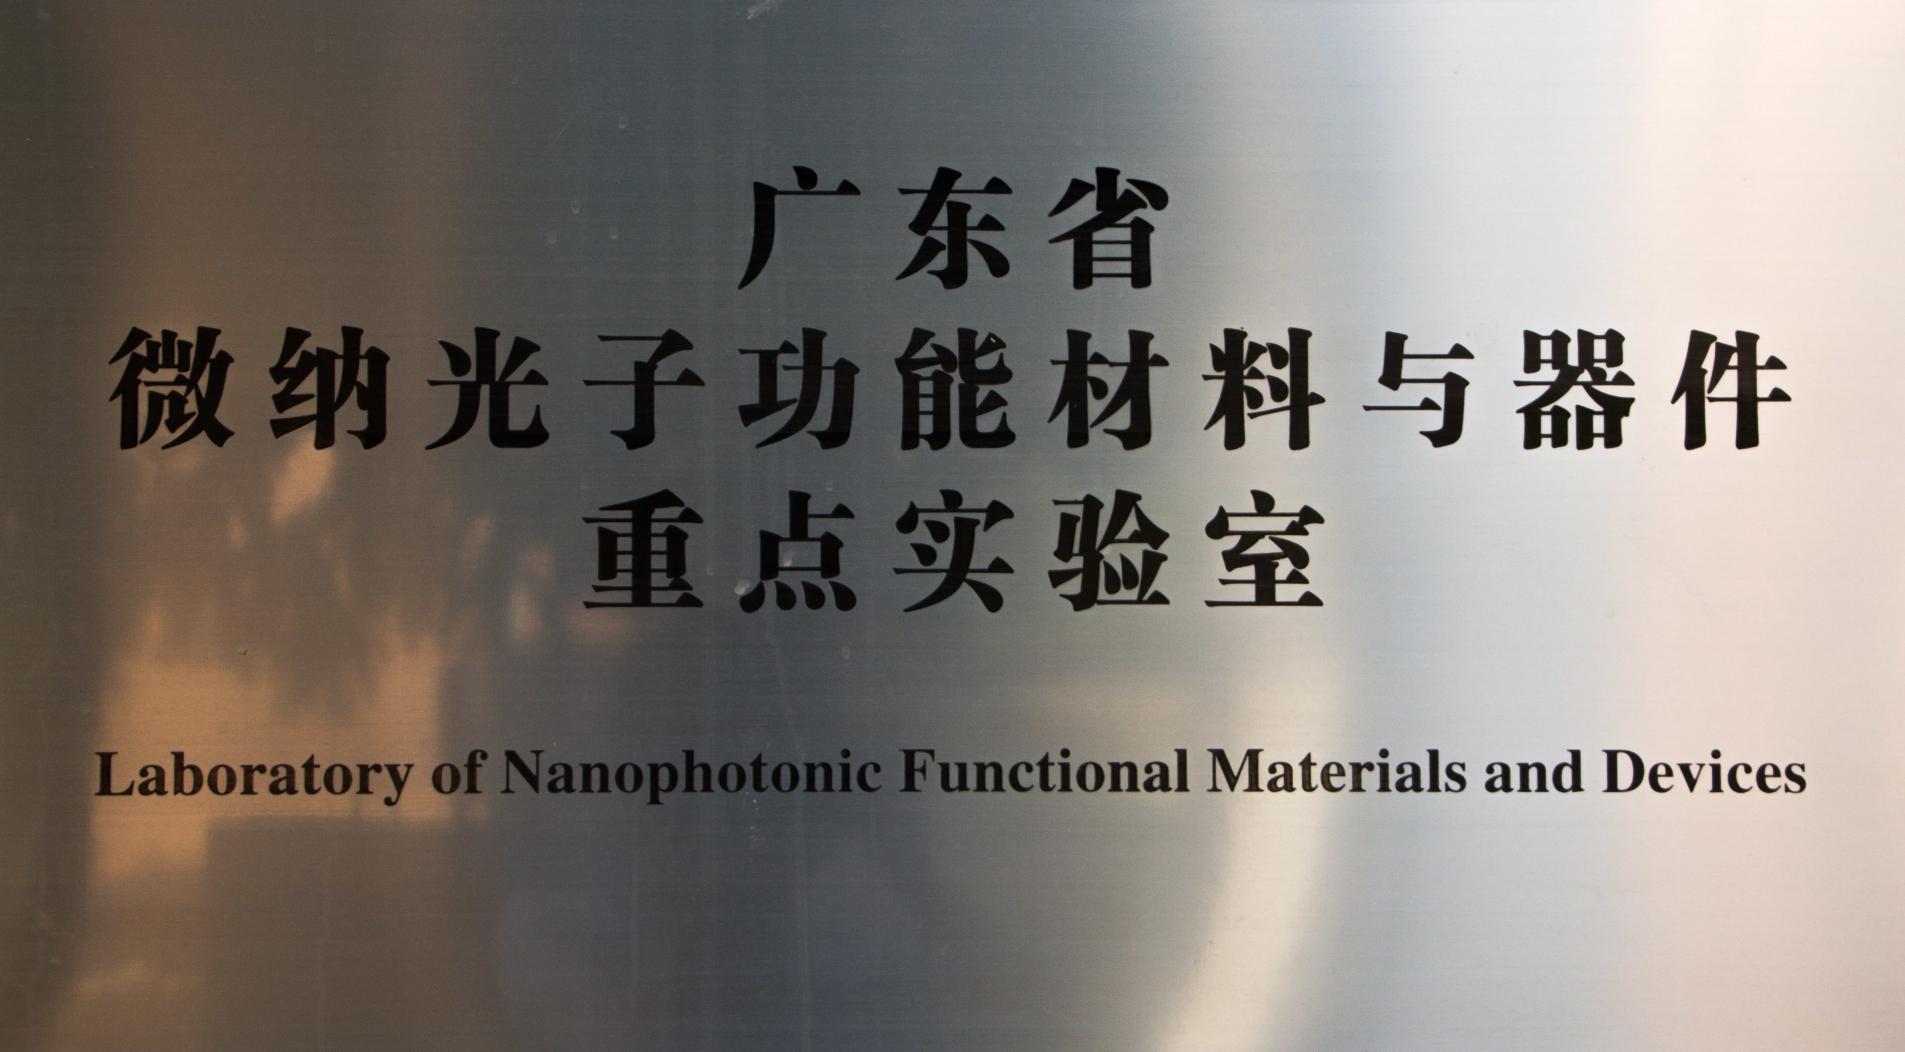 微纳光子功能材料与器件重点实验室.jpg